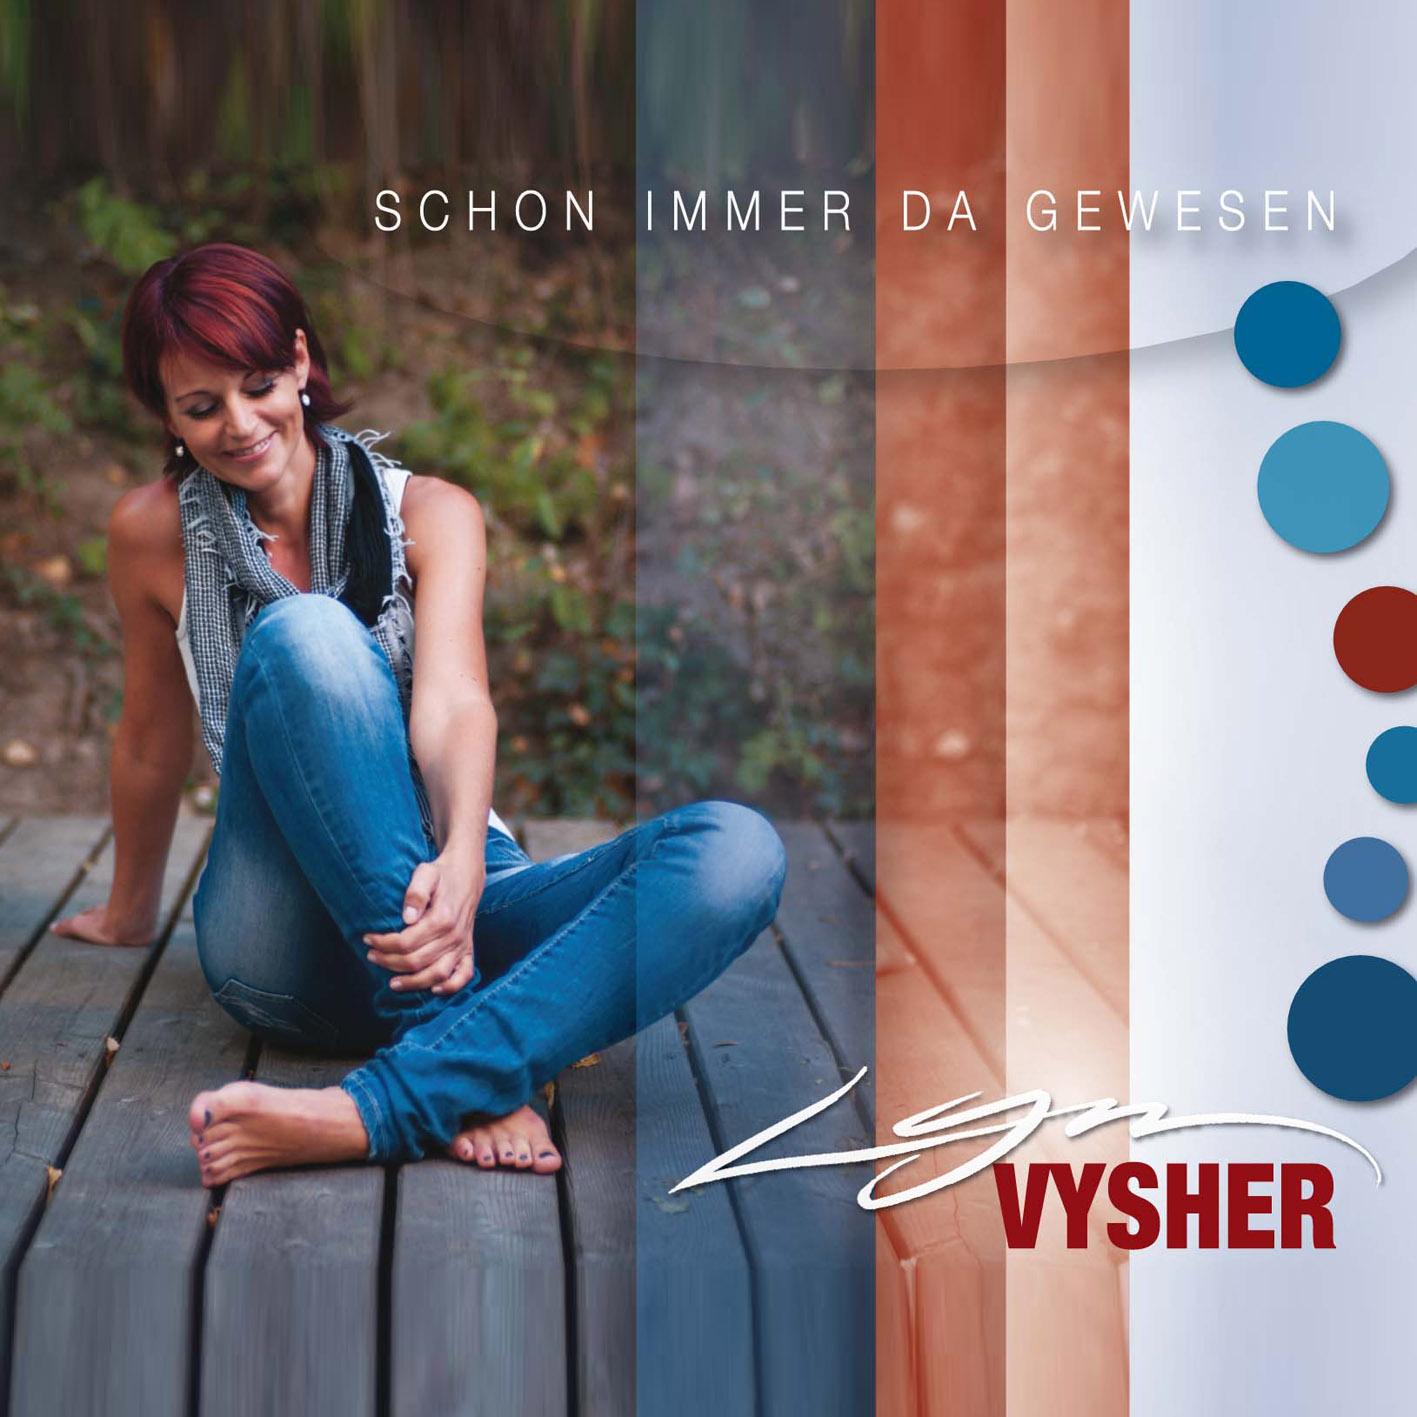 Schon immer da gewesen von Lyn Vysher